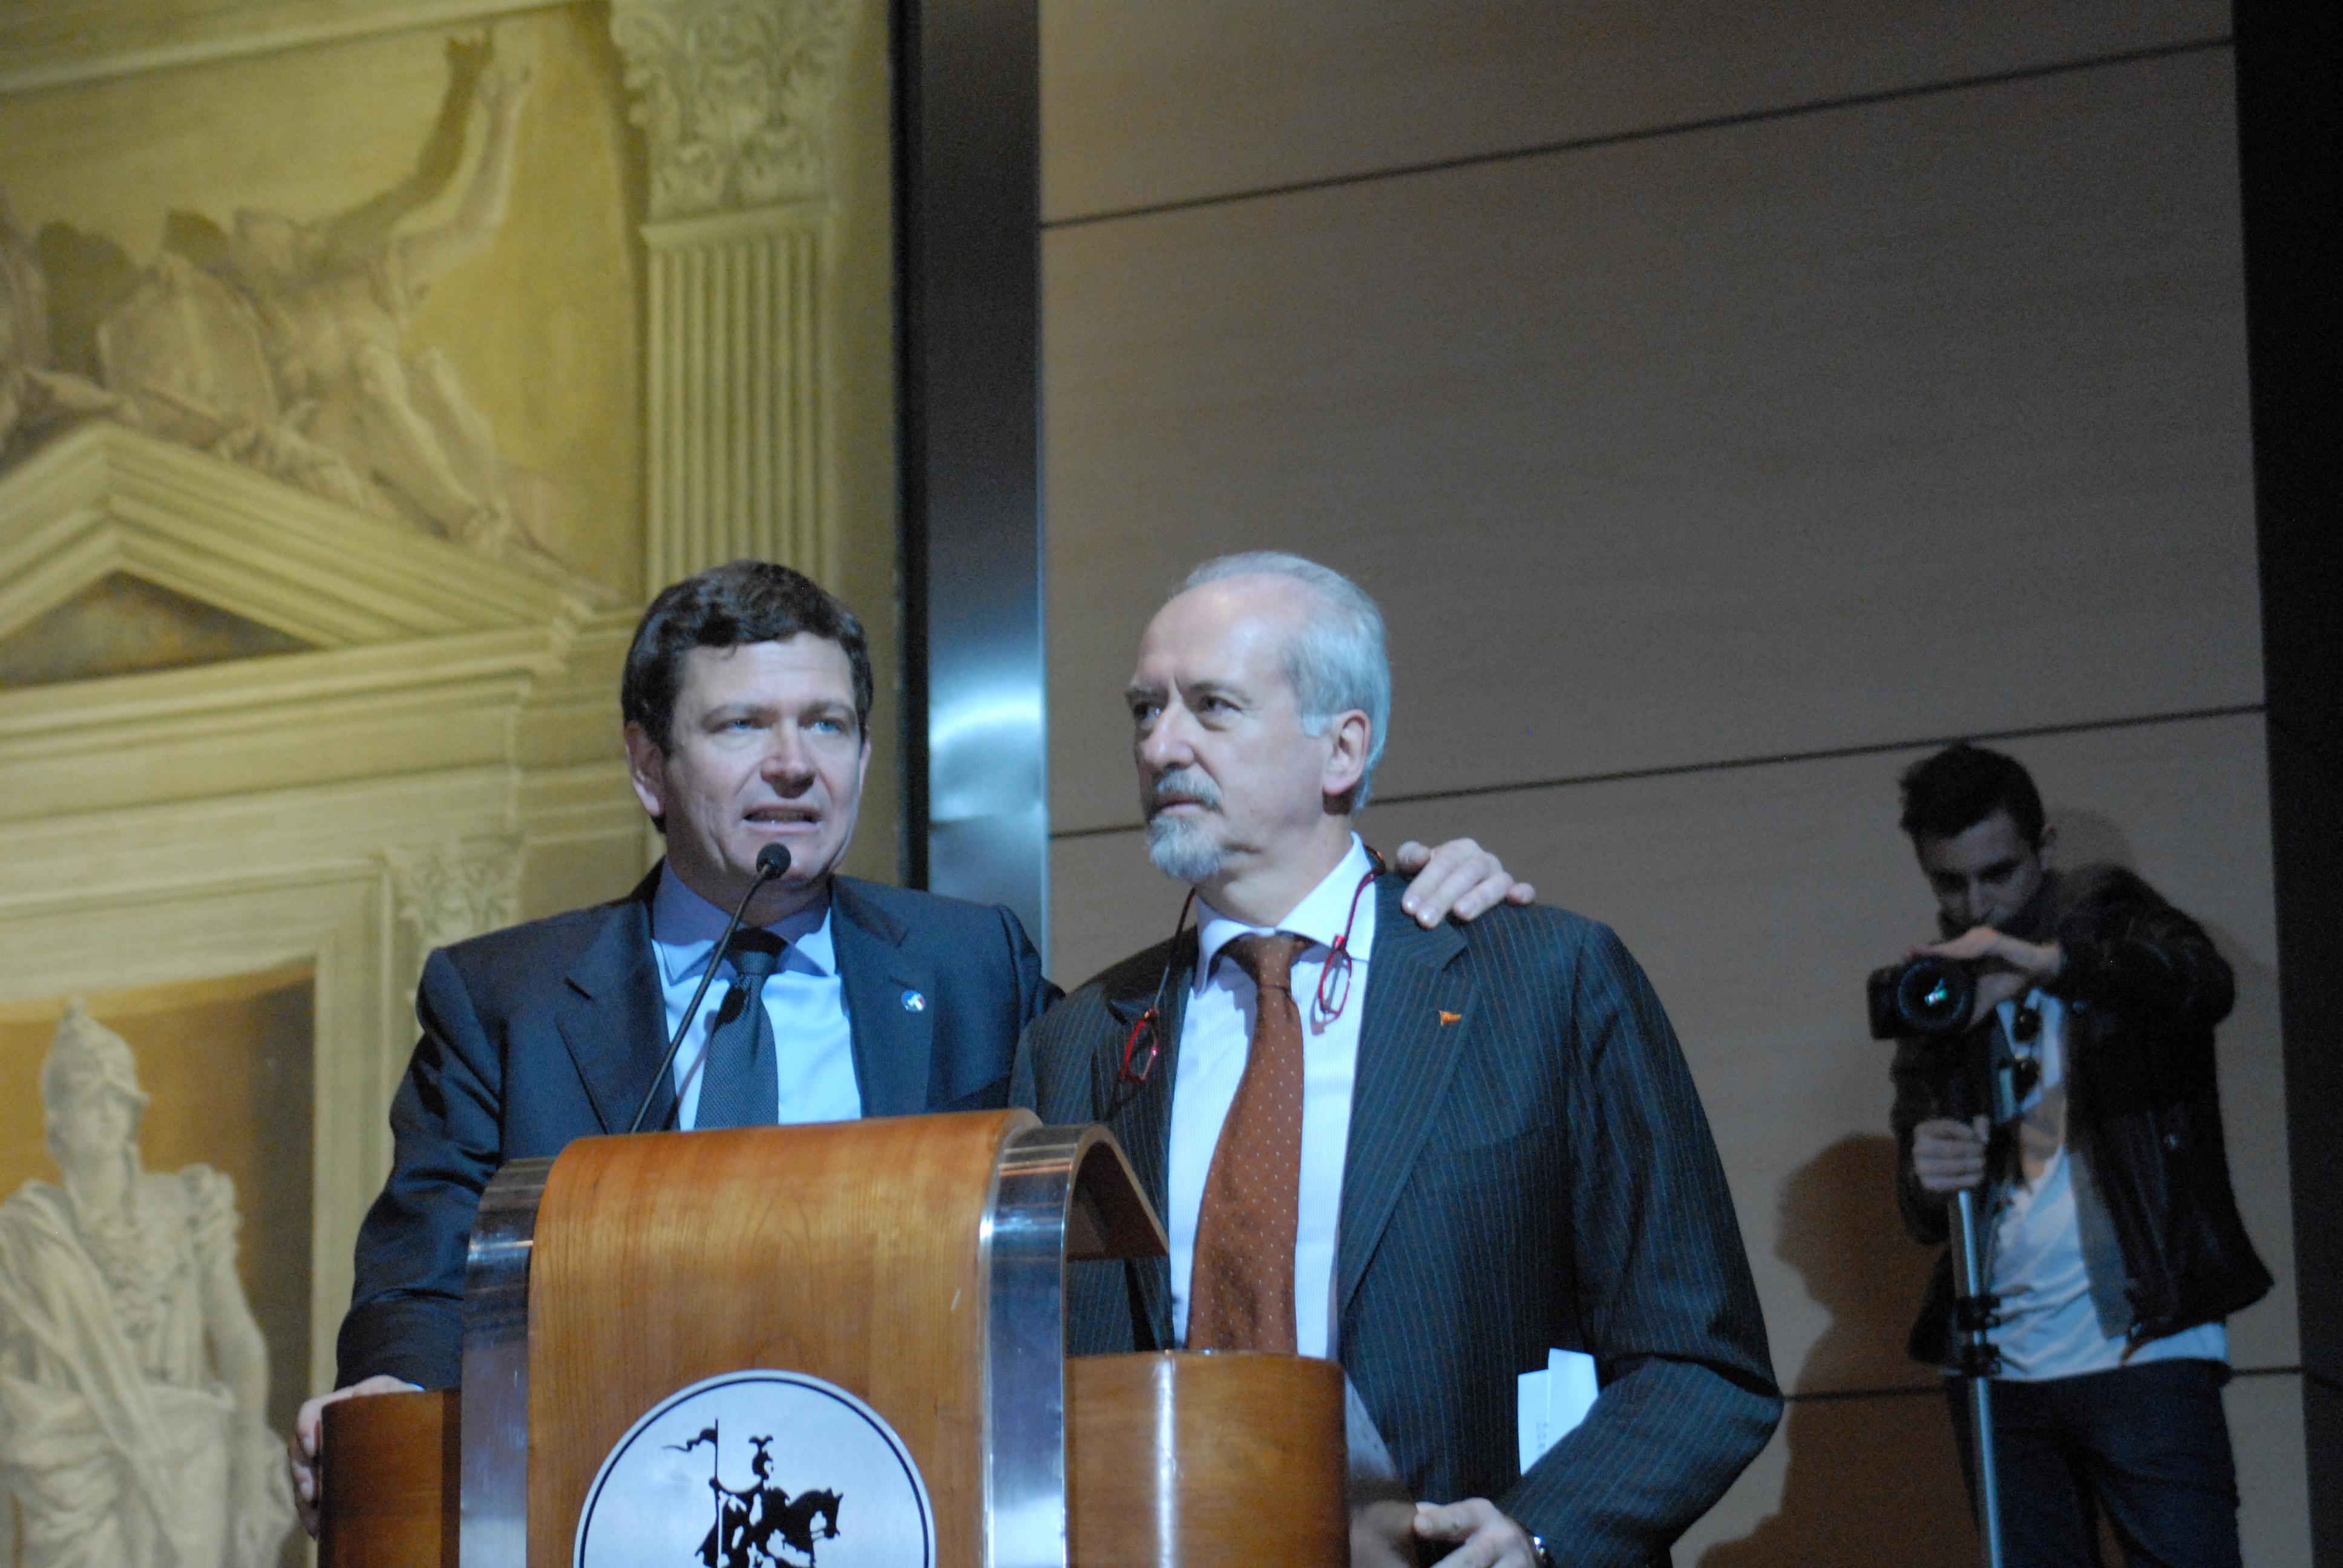 L'avv. Romolo Reboa presenta la propria candidatura al Senato della Repubblica